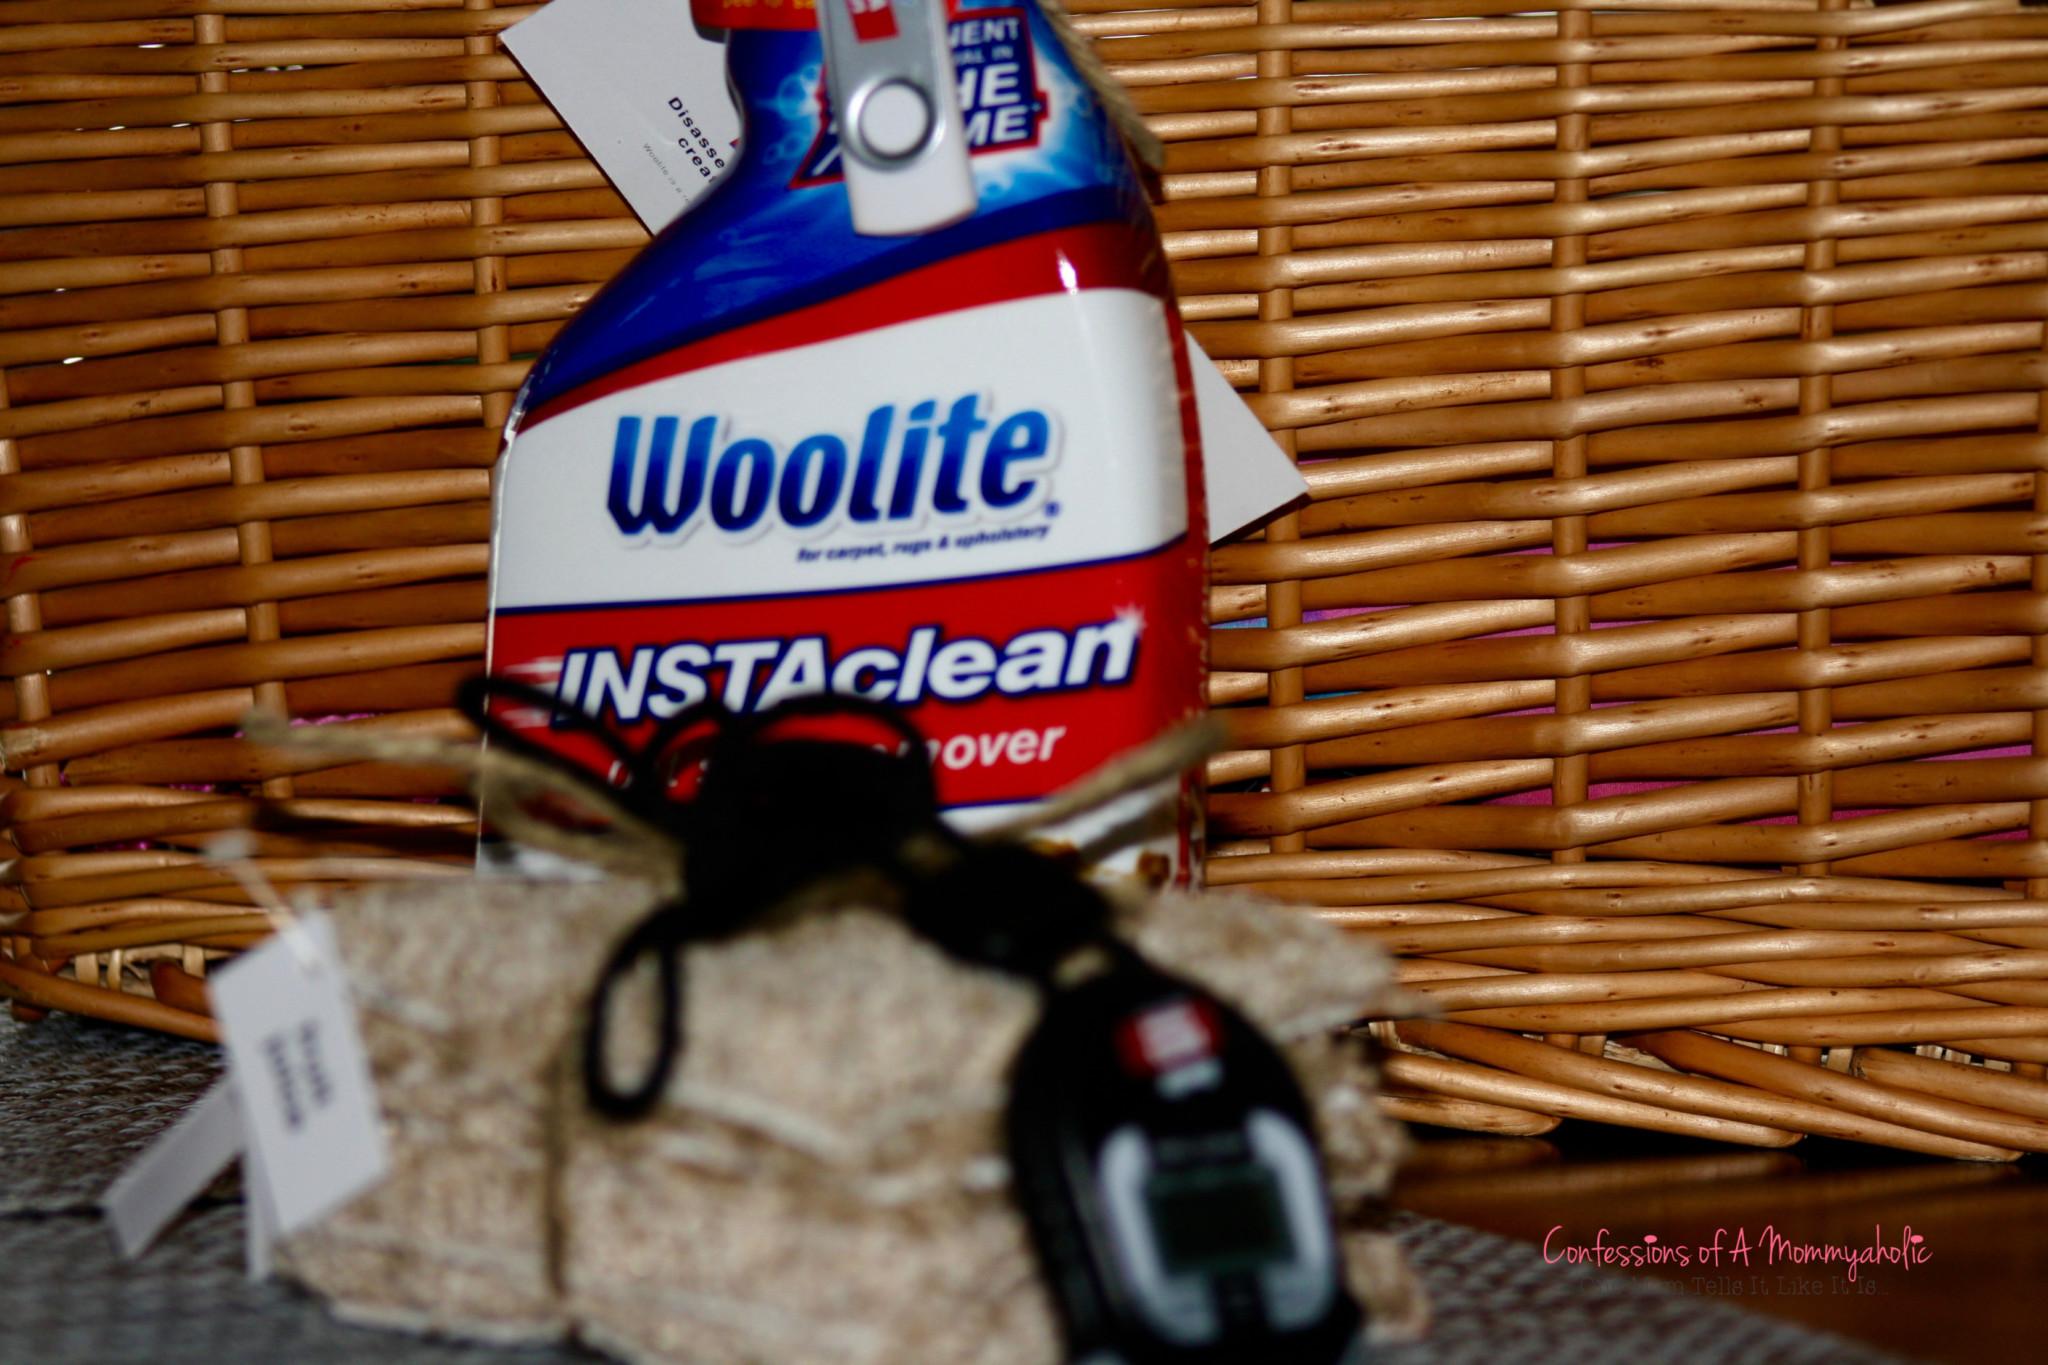 woolite-rugs-stains-watermarked